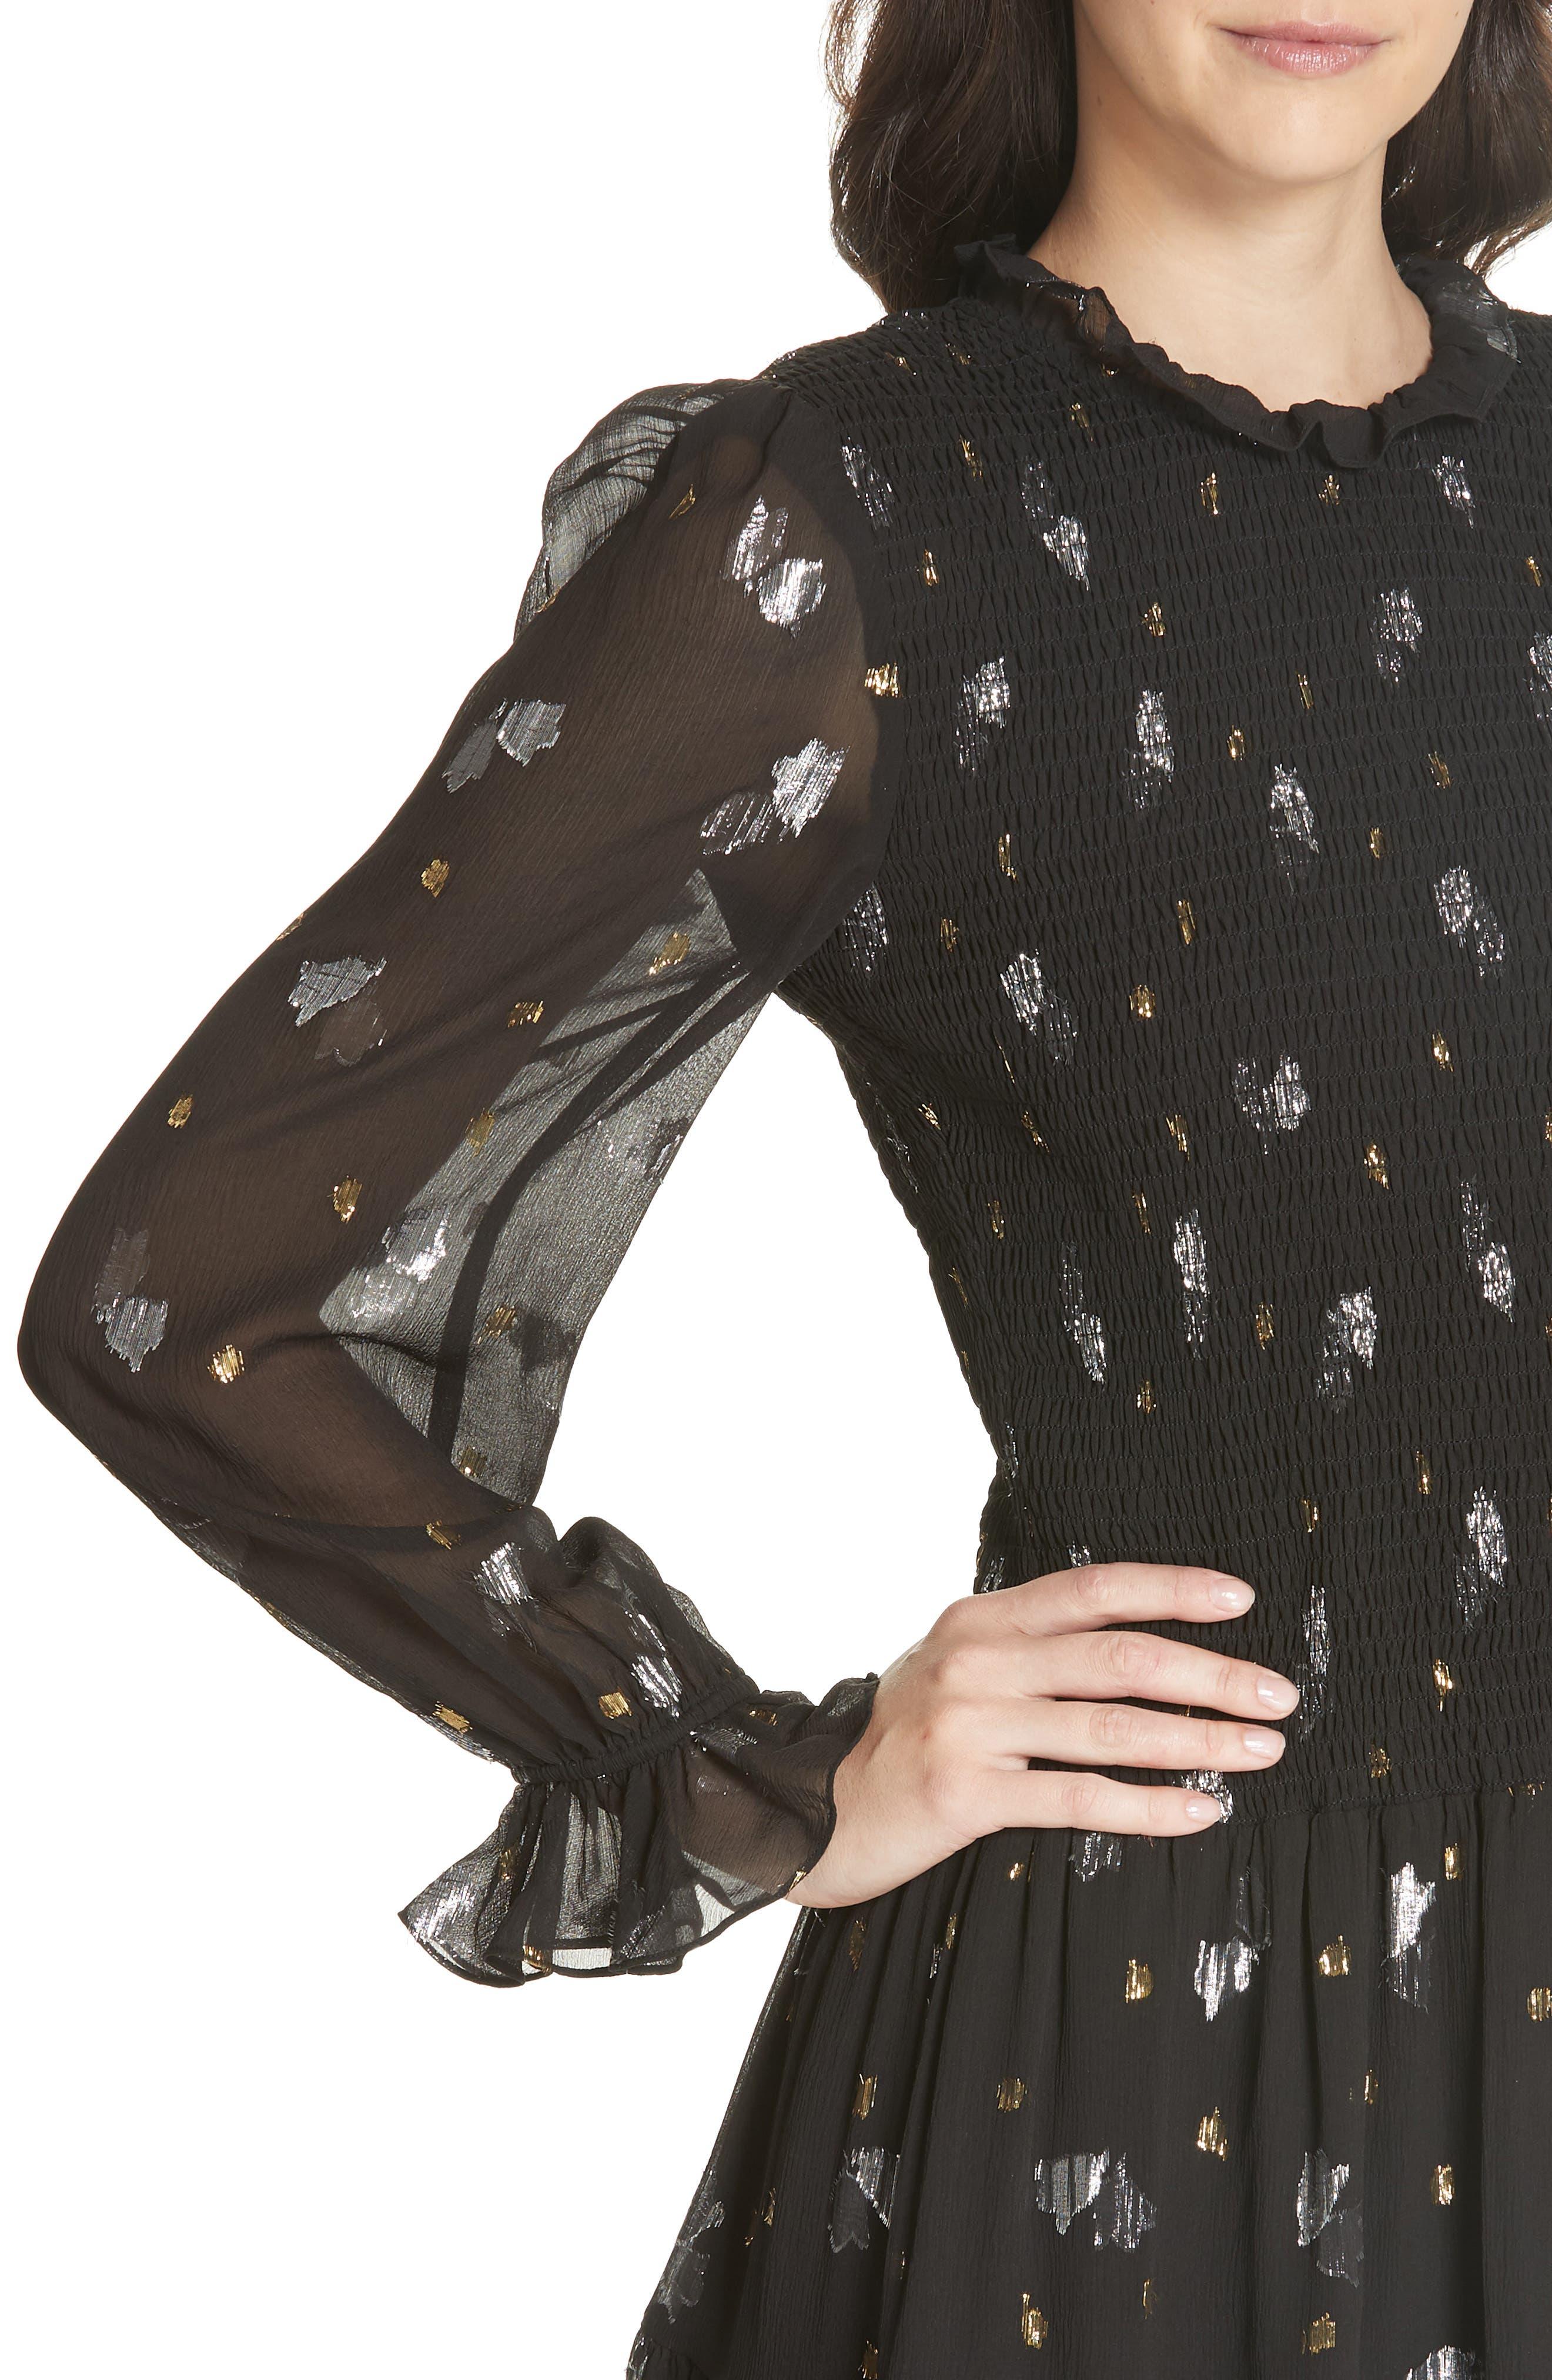 Scattered Metallic Tulip Silk Blend Dress,                             Alternate thumbnail 4, color,                             001